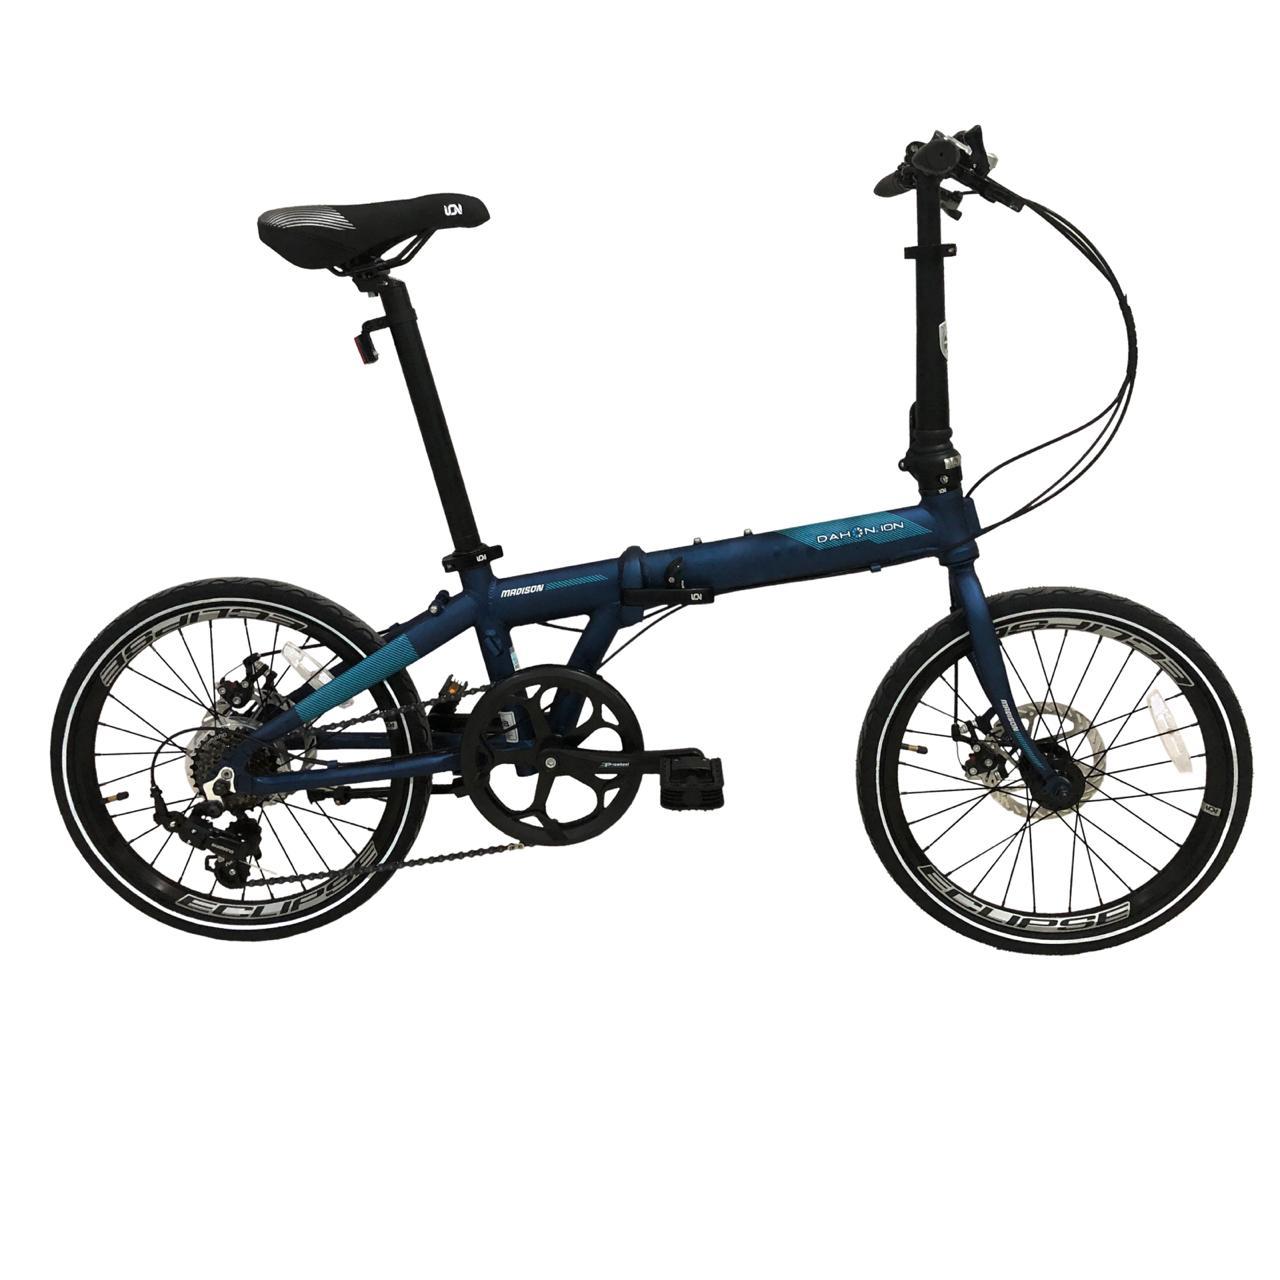 Harga Sepeda Kecil Termurah - Trend Sepeda